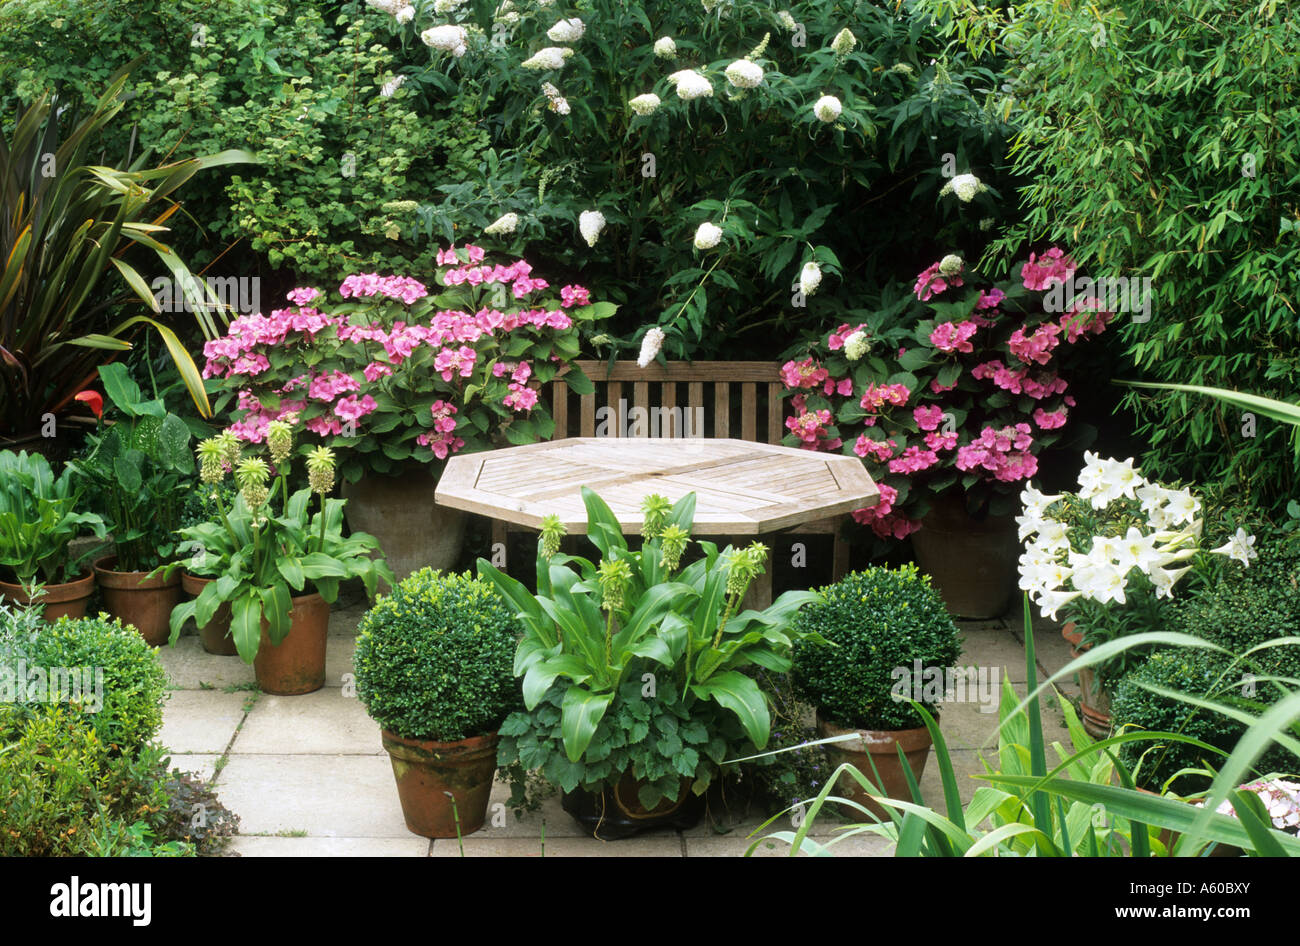 Beautiful Terrasse Tisch Hortensie Lilien Gartenmbel Rosa Wei Blumen  Pflaster Terrasse Box Kugeln Tpfe With Box Fr Gartenmbel